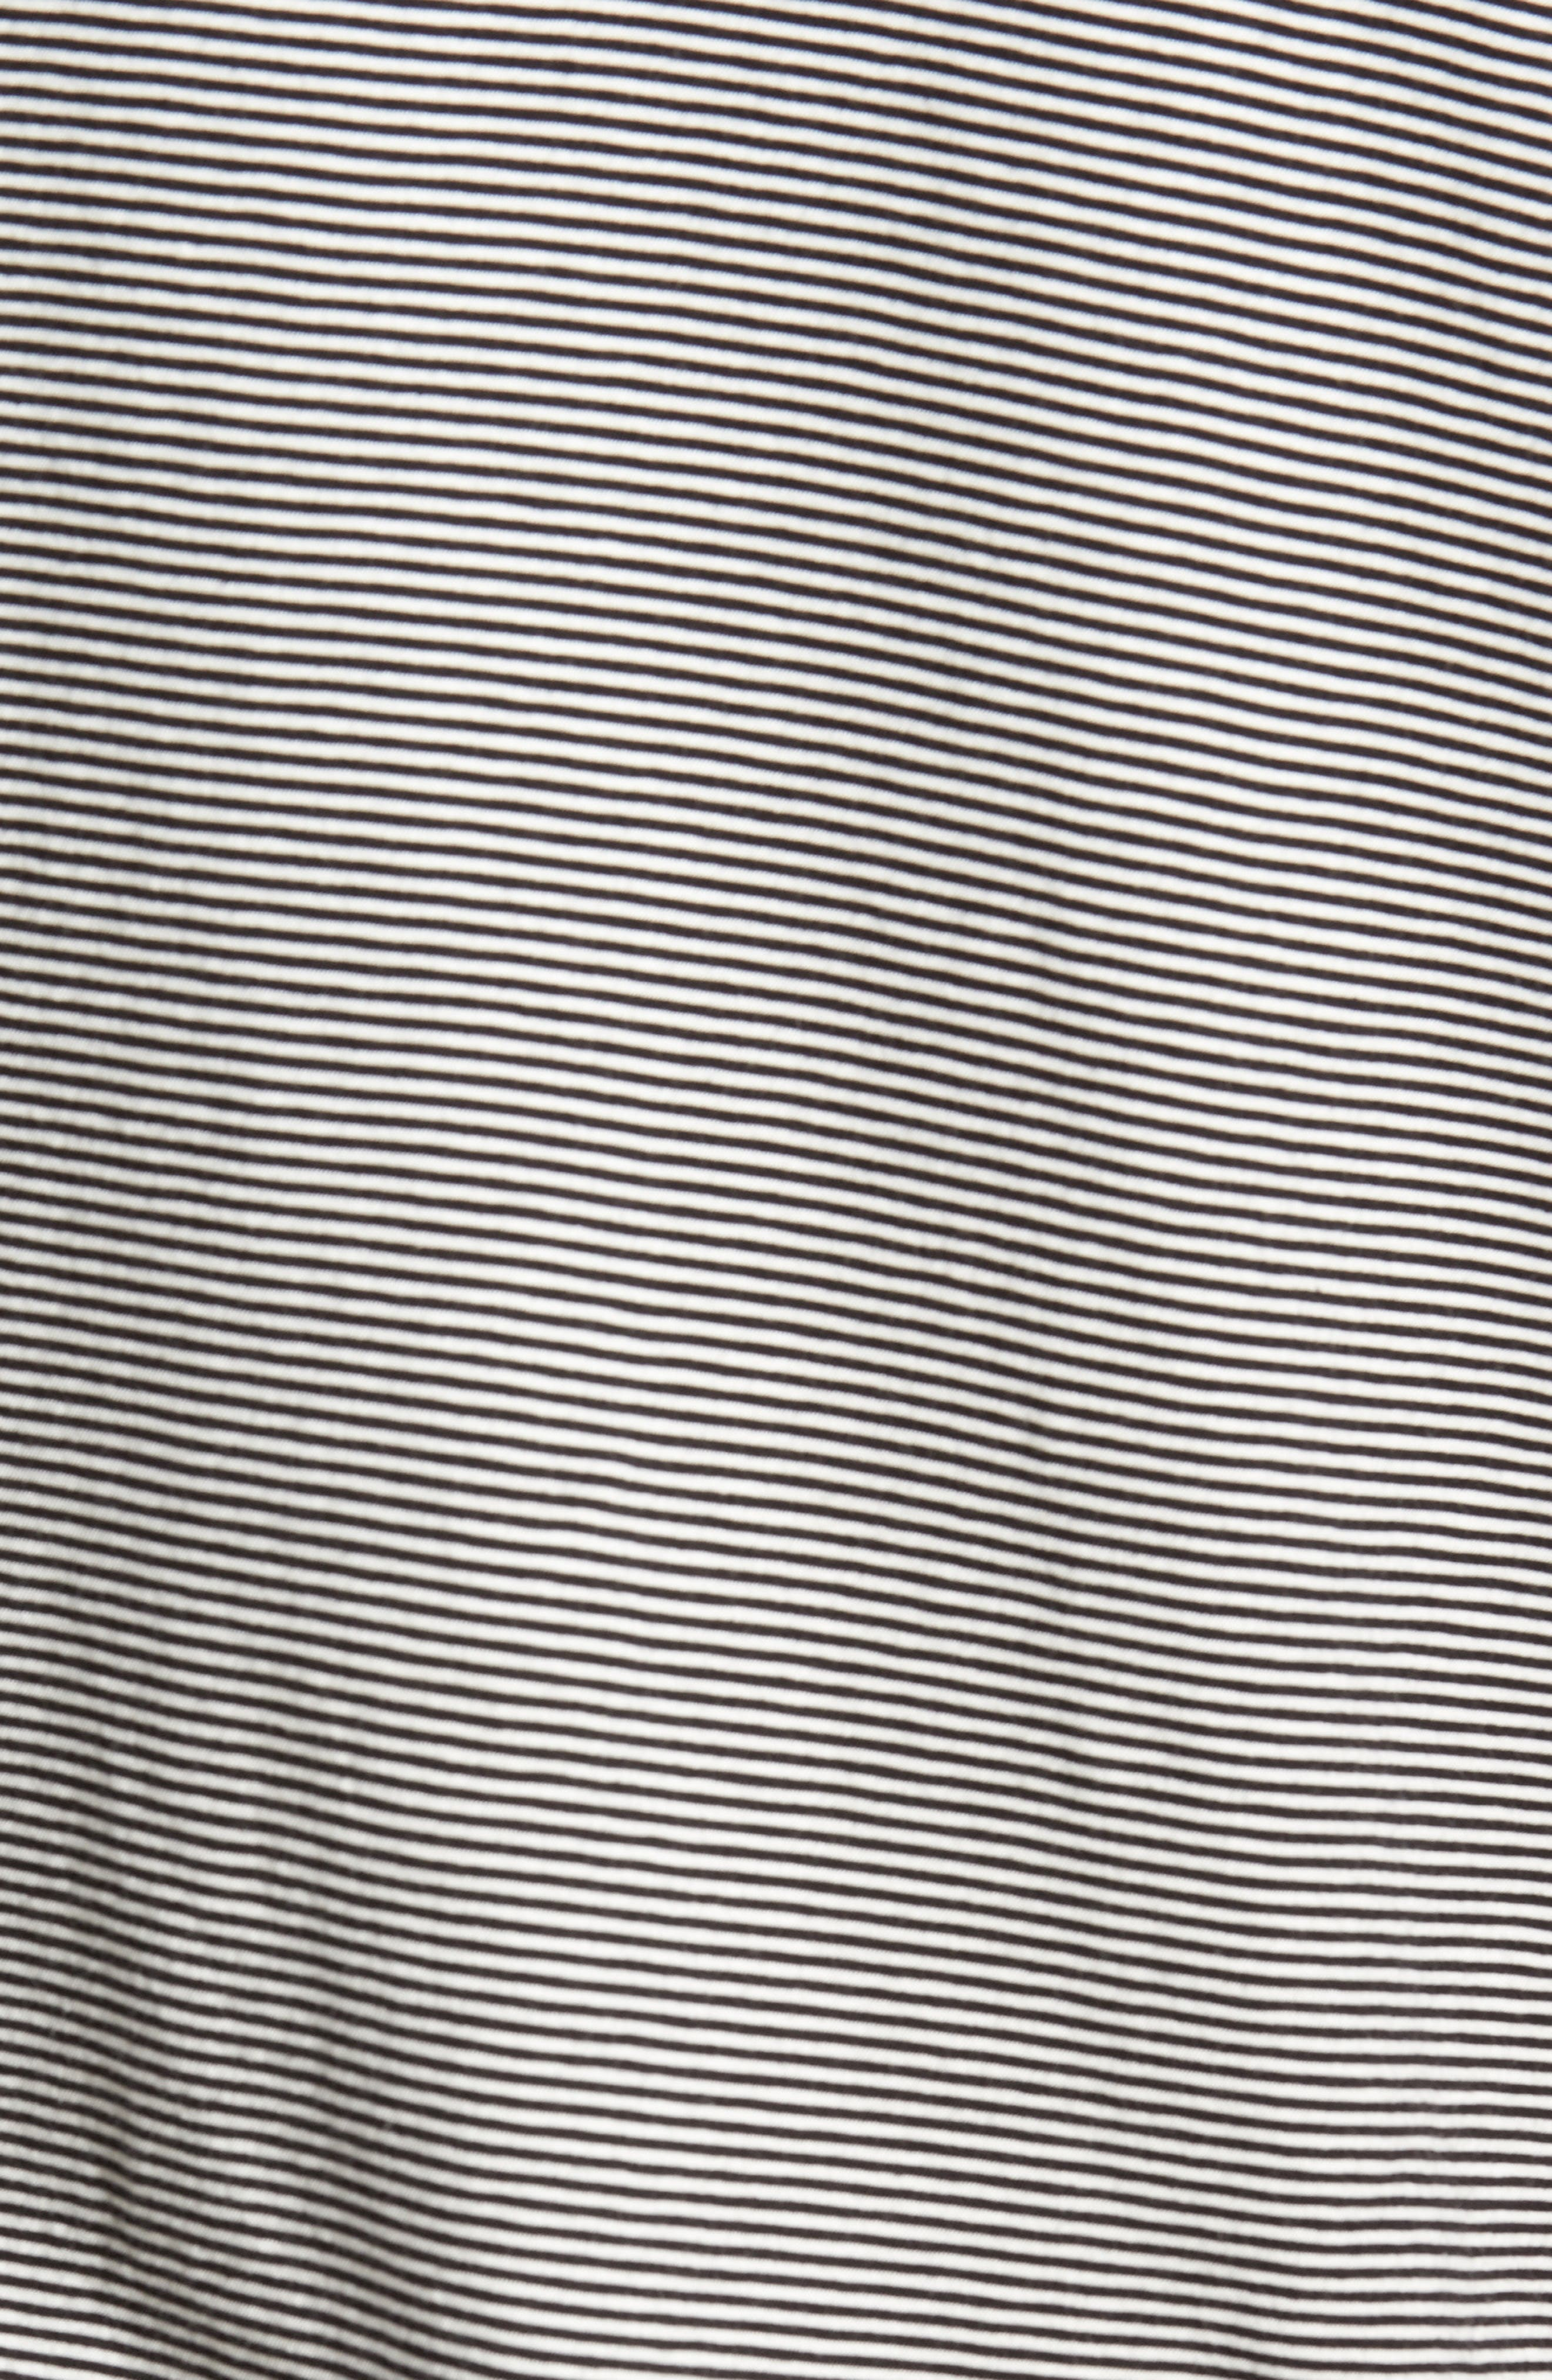 Feeder Stripe Long Sleeve Pocket T-Shirt,                             Alternate thumbnail 5, color,                             Black/ Leche